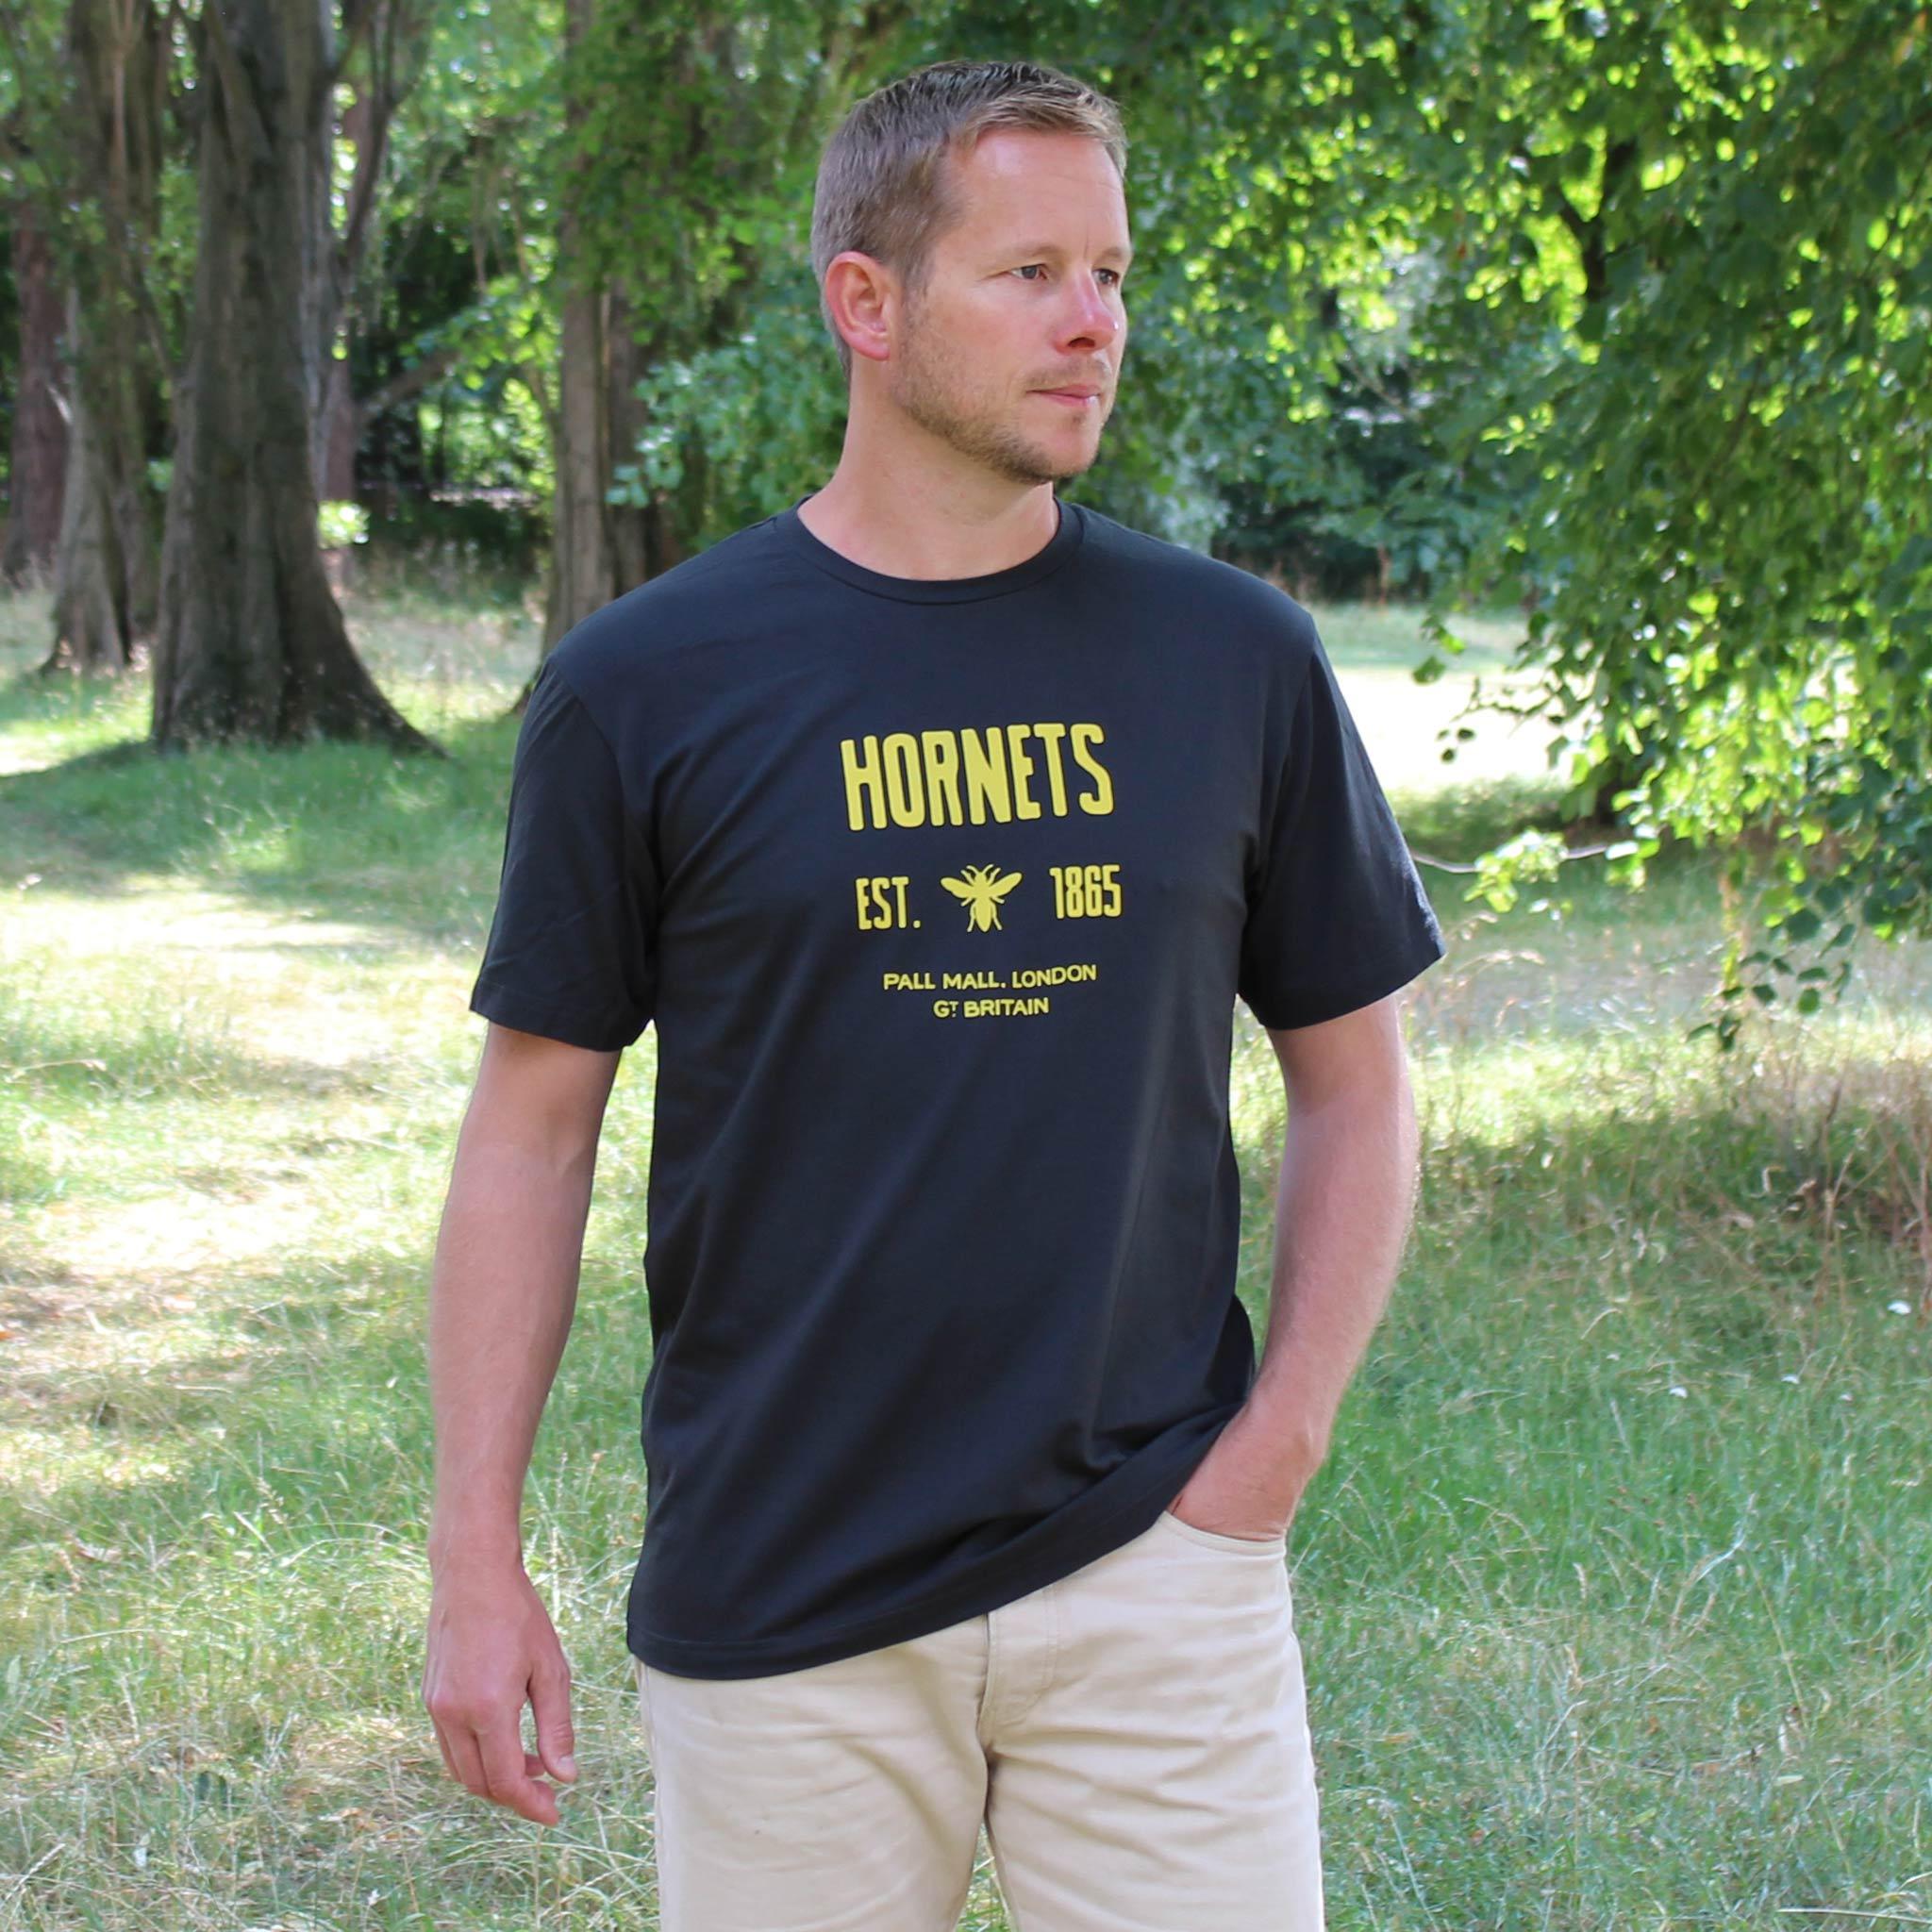 Hornets Navy T-shirt model